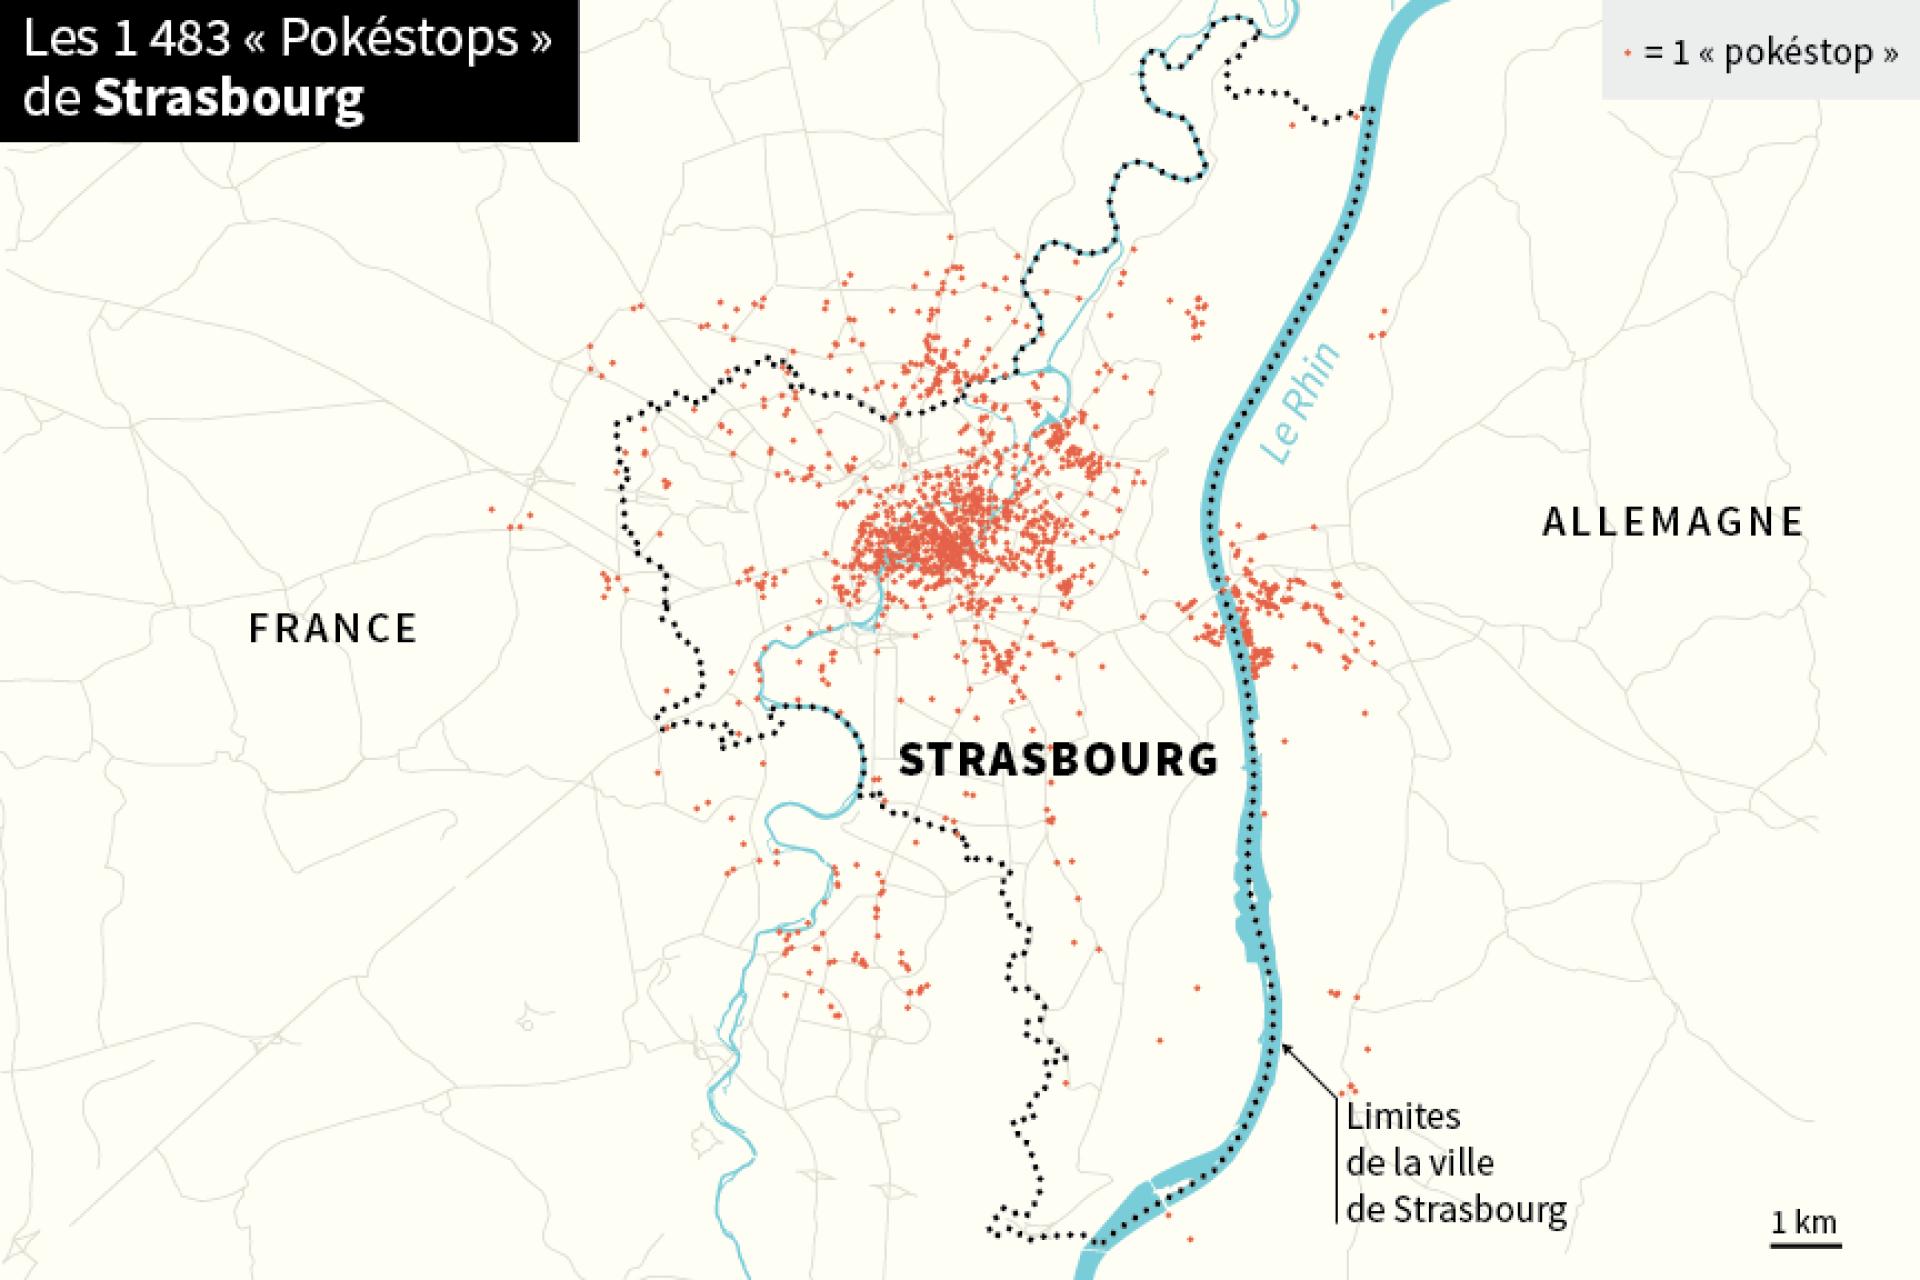 Localisation des pokéstops à Strasbourg et dans les environs de la ville.